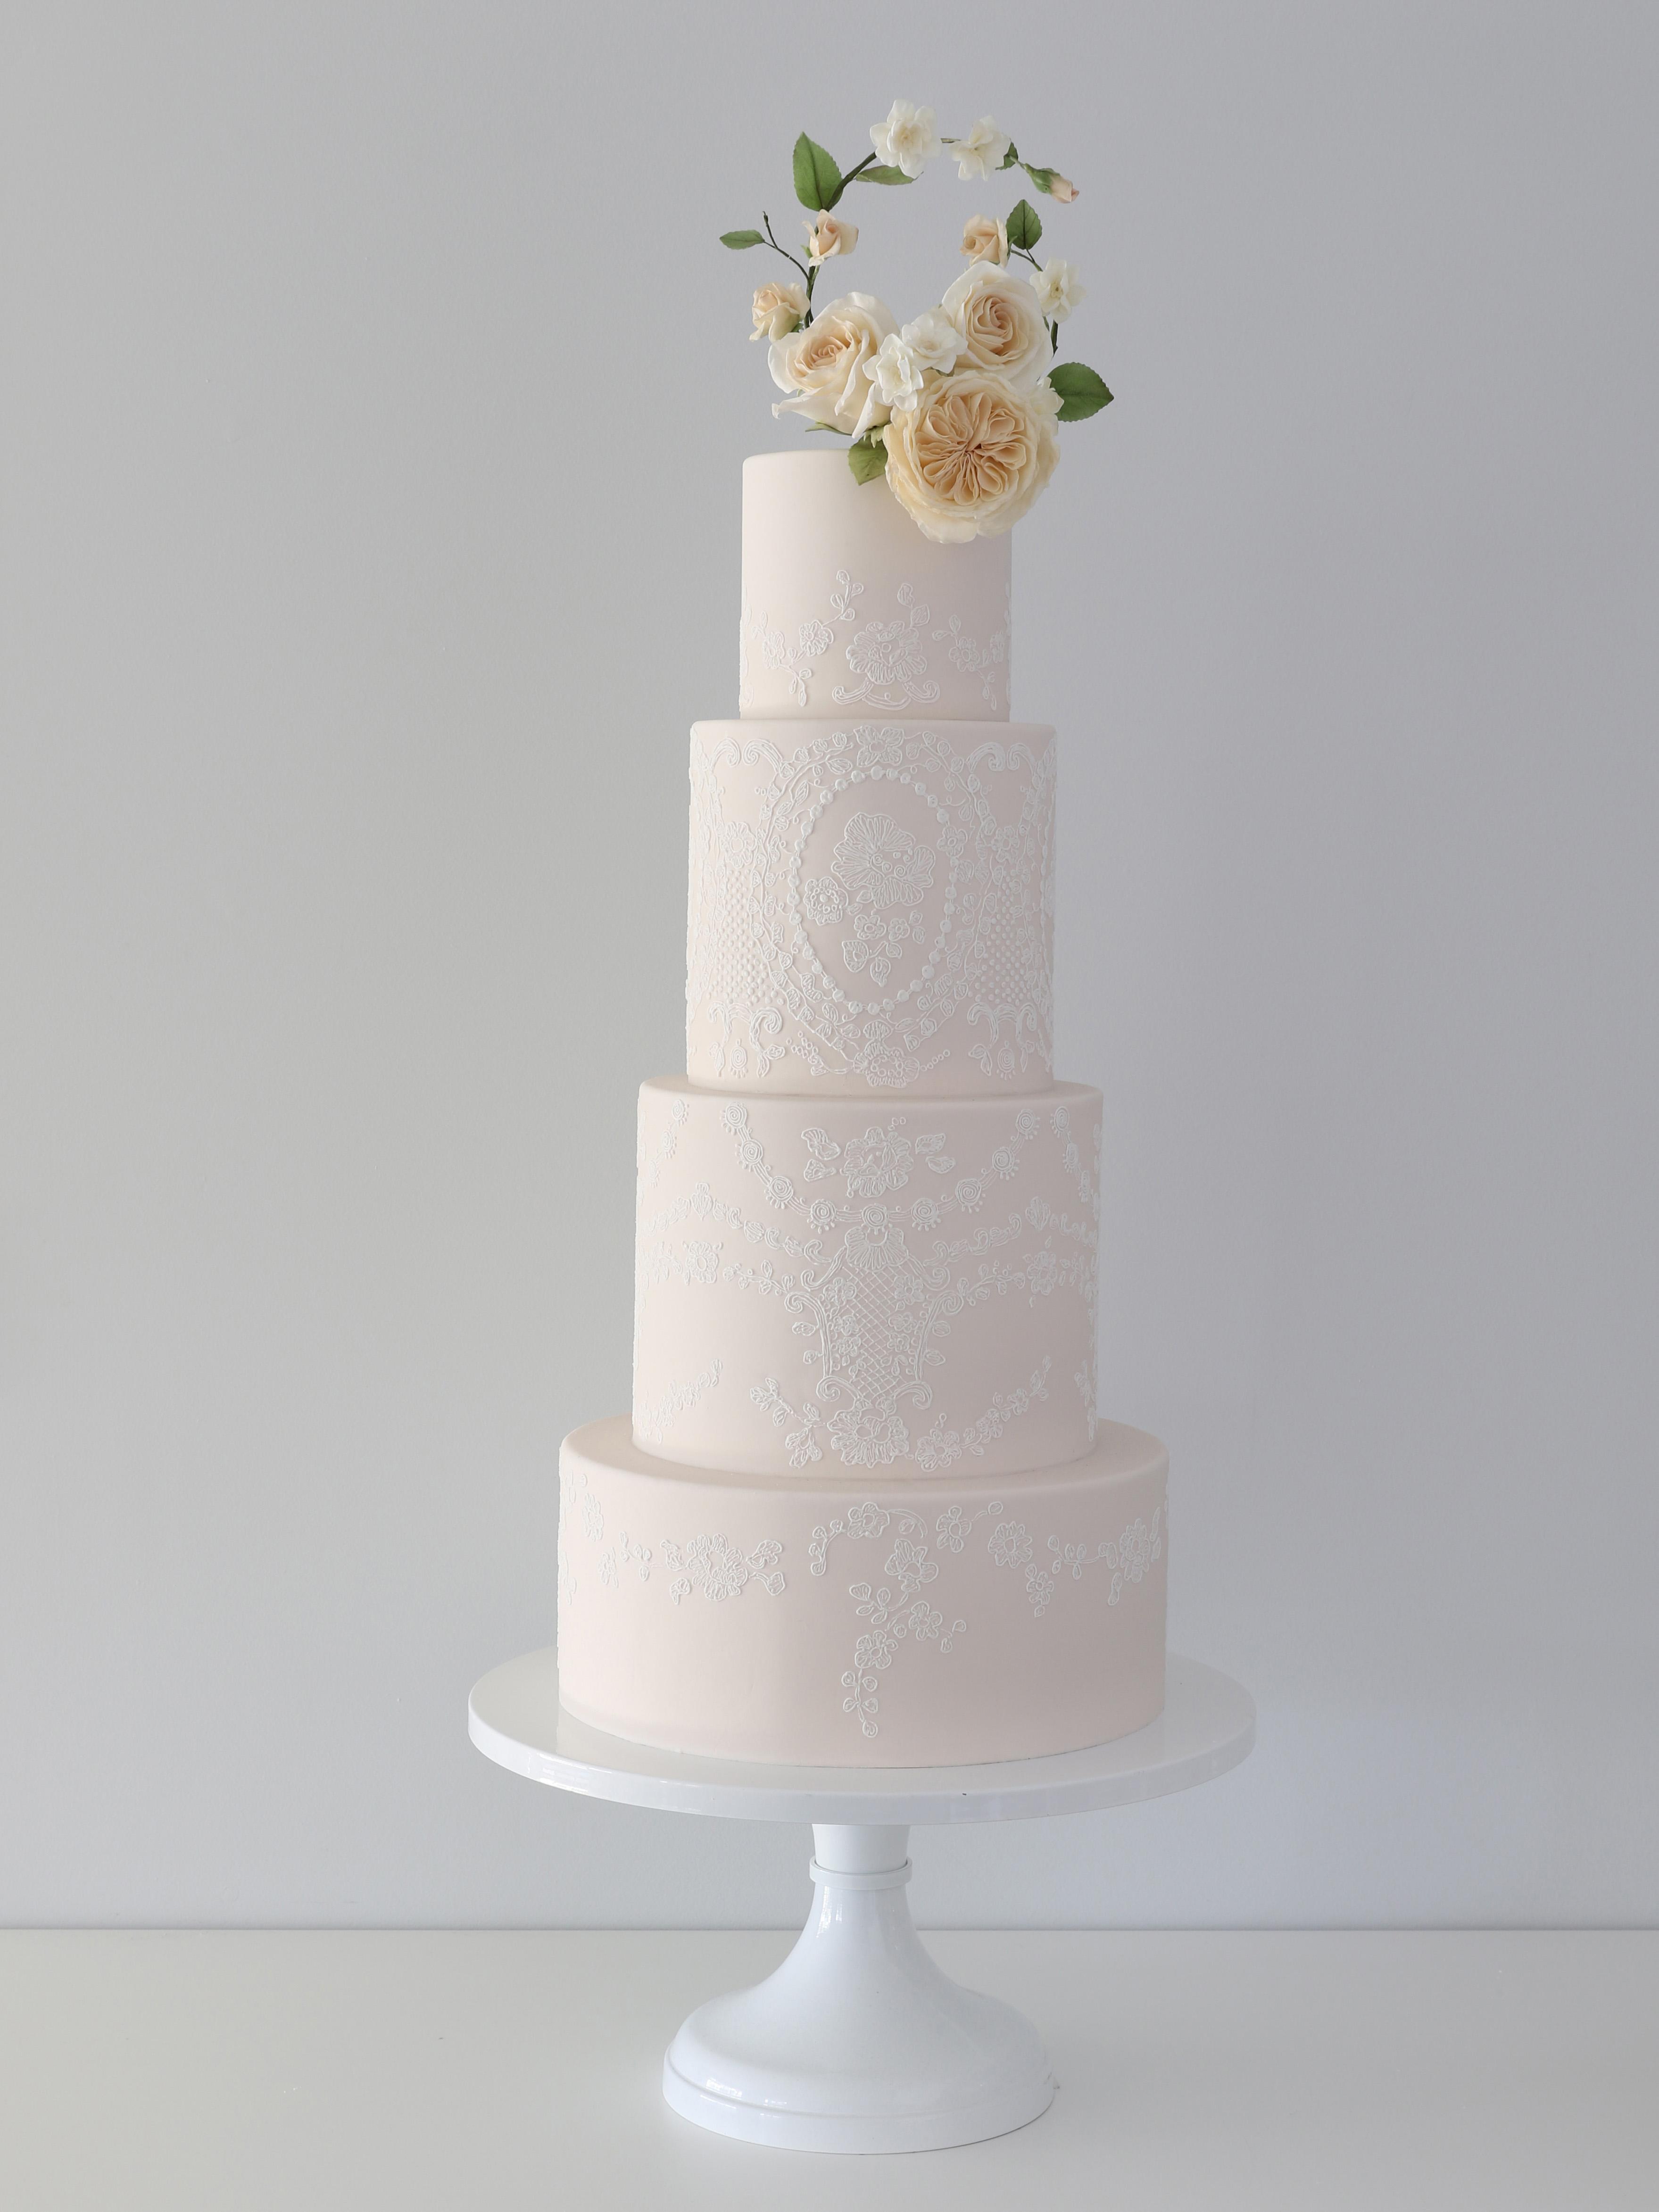 Wedding Cakes Brisbane, Wedding Cake Sunshine Coast & Gold Coast